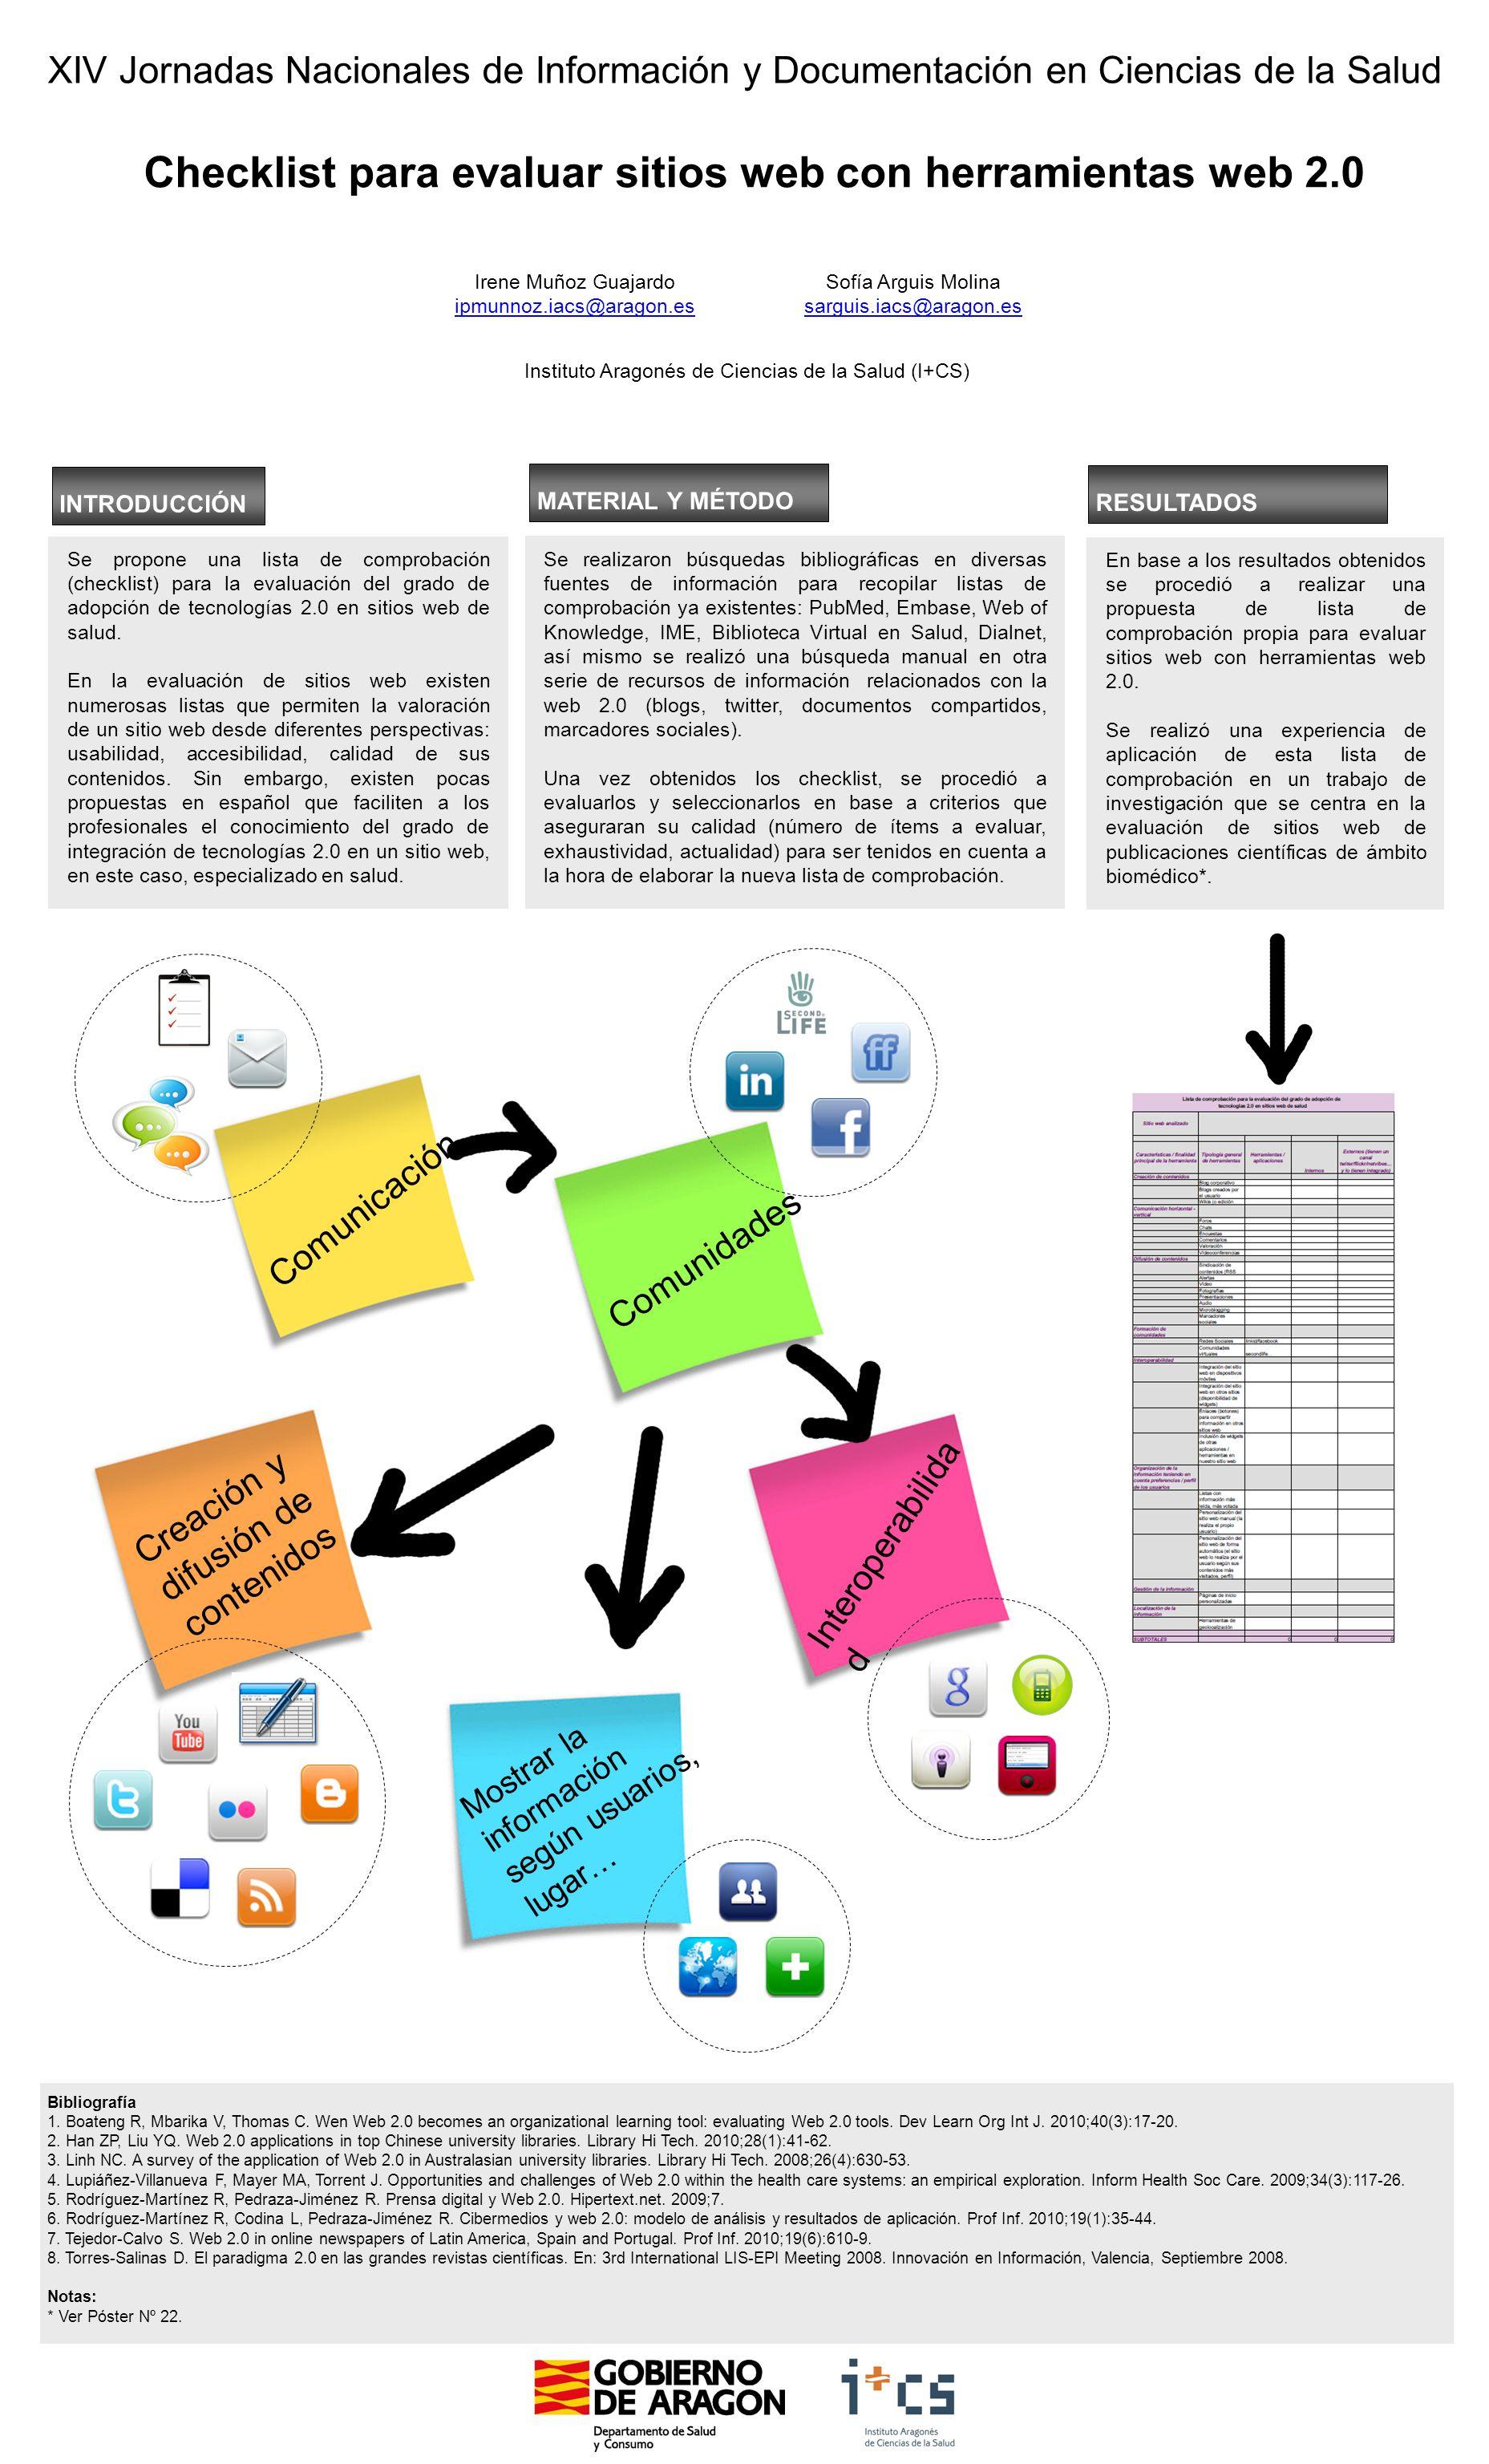 Comunidades XIV Jornadas Nacionales de Información y Documentación en Ciencias de la Salud Checklist para evaluar sitios web con herramientas web 2.0